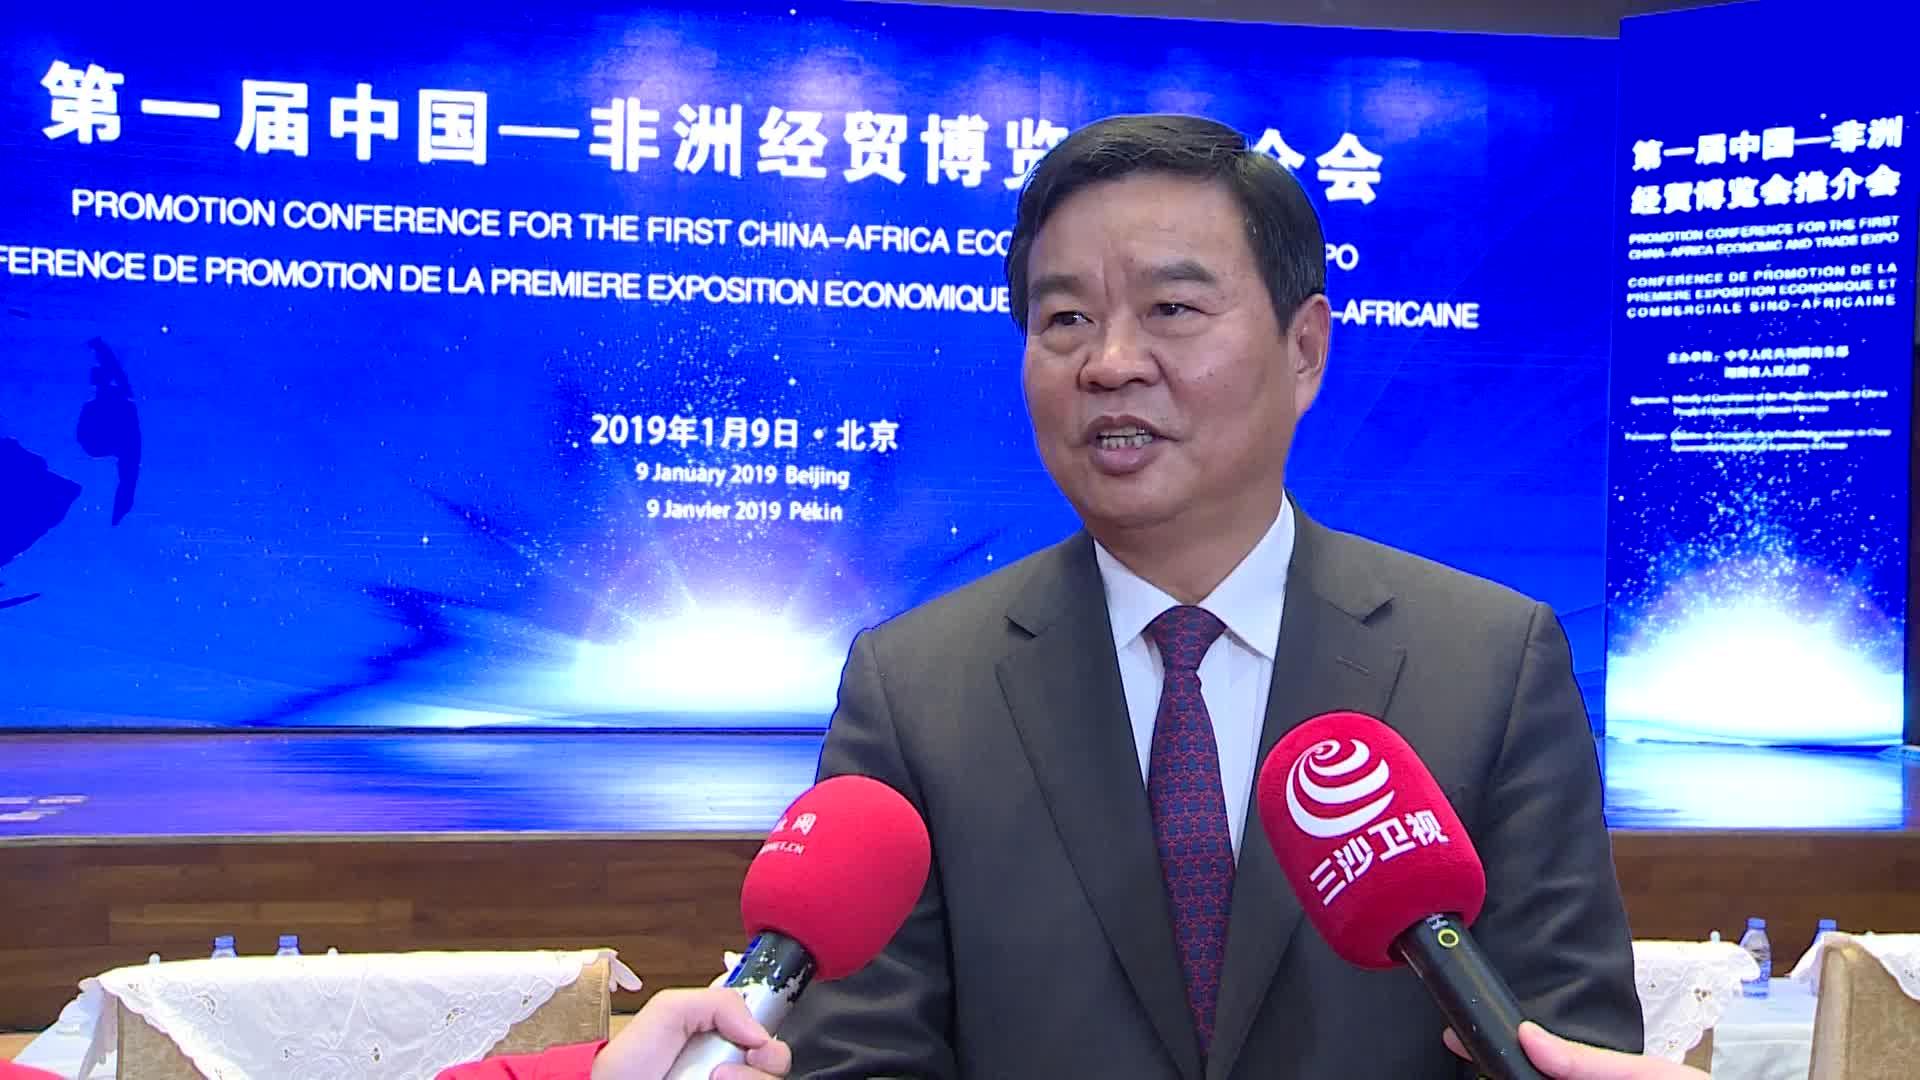 何报翔副省长在第一届中非经贸博览会推介会现场接受红网专访